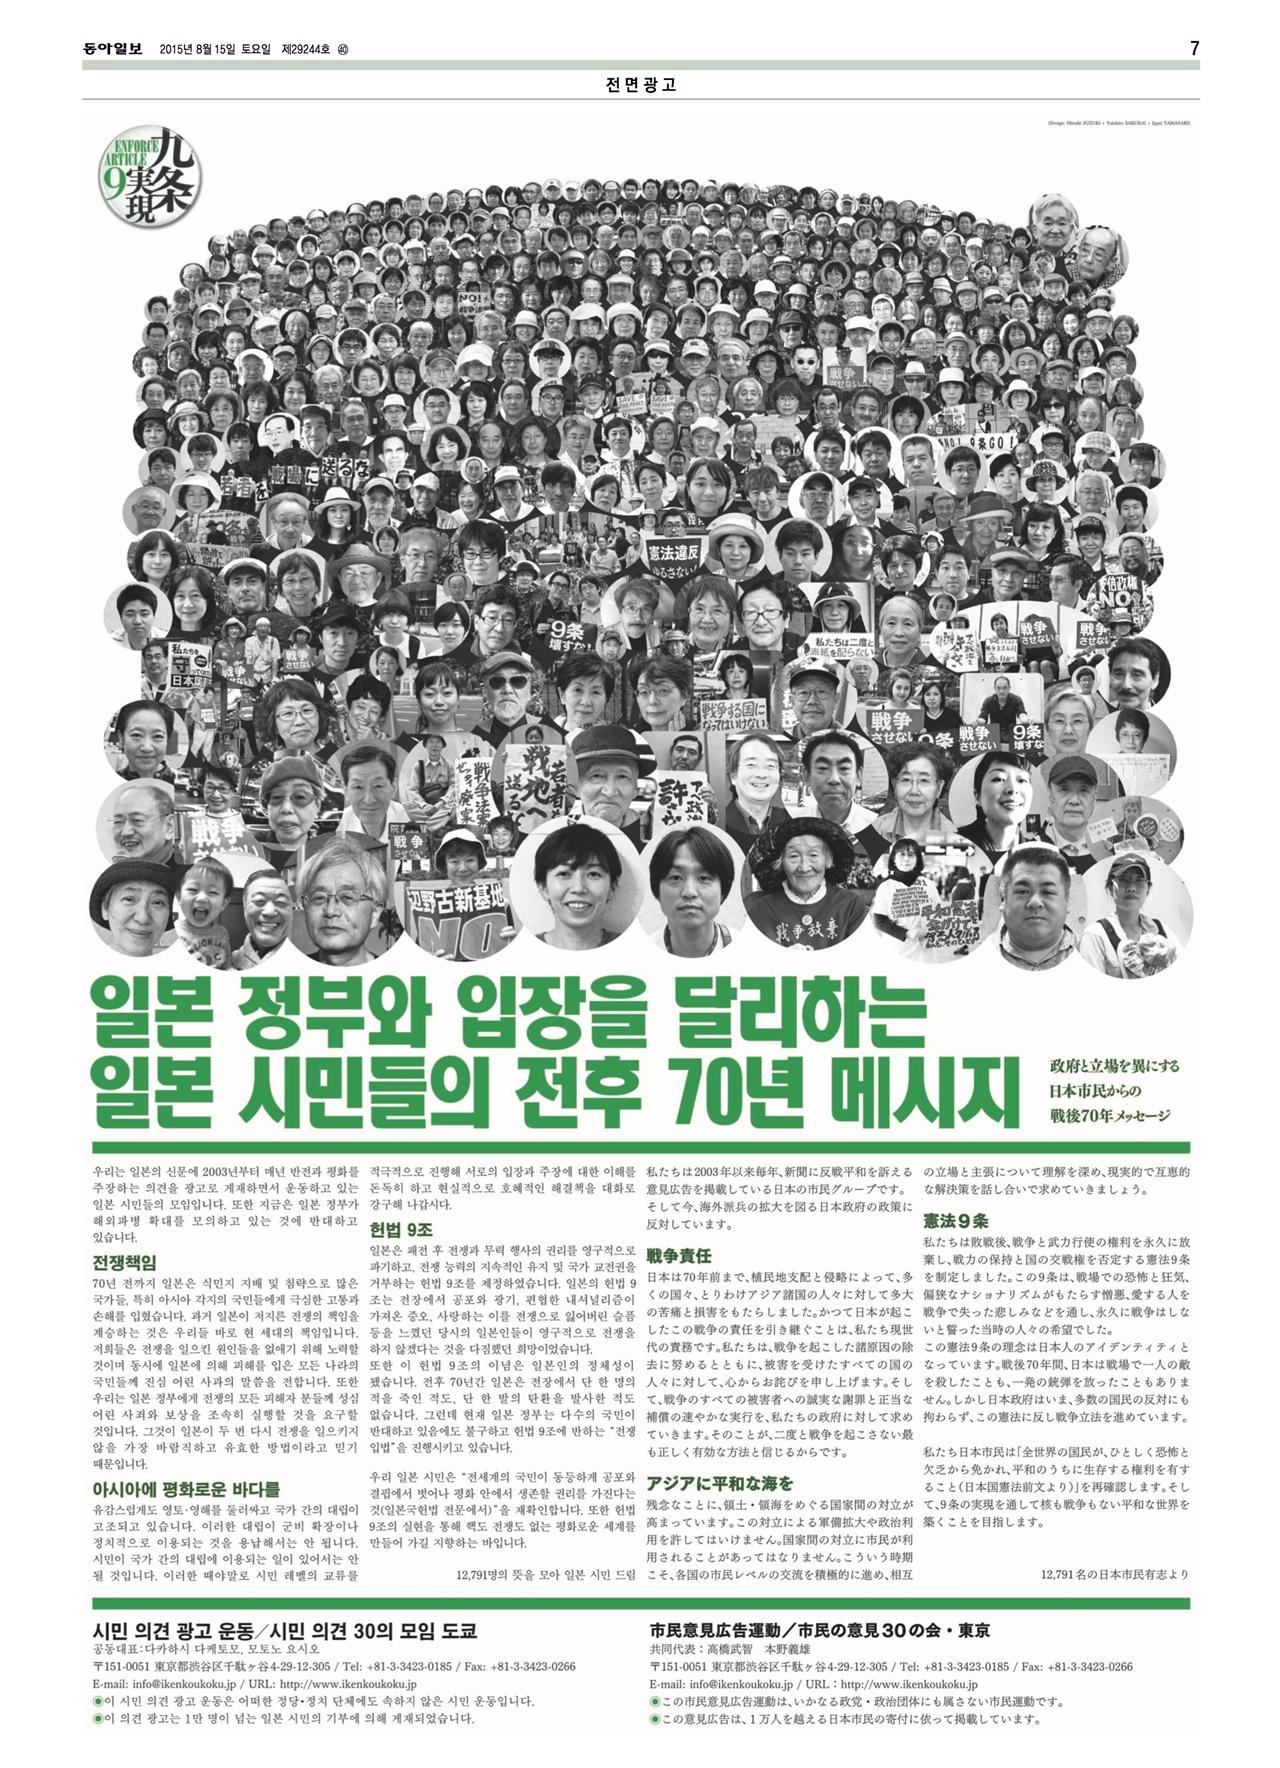 """시민의견 30의 모임·도쿄의 광고 다카하시씨가 공동대표로 계신 """"시민의견 30인의 모임""""은 2015년 광복절에 동아일보 지면을 통해 """"일본 정부와 입장을 달리하는 일본 시민들의 전후 70년 메시지""""라는 광고를 게재했다. 이 광고에는 """"일본에 피해를 입은 모든 나라 국민들께 진심 어린 사과의 말씀을 전합니다.""""라는 메세지가 담겨 있었다."""